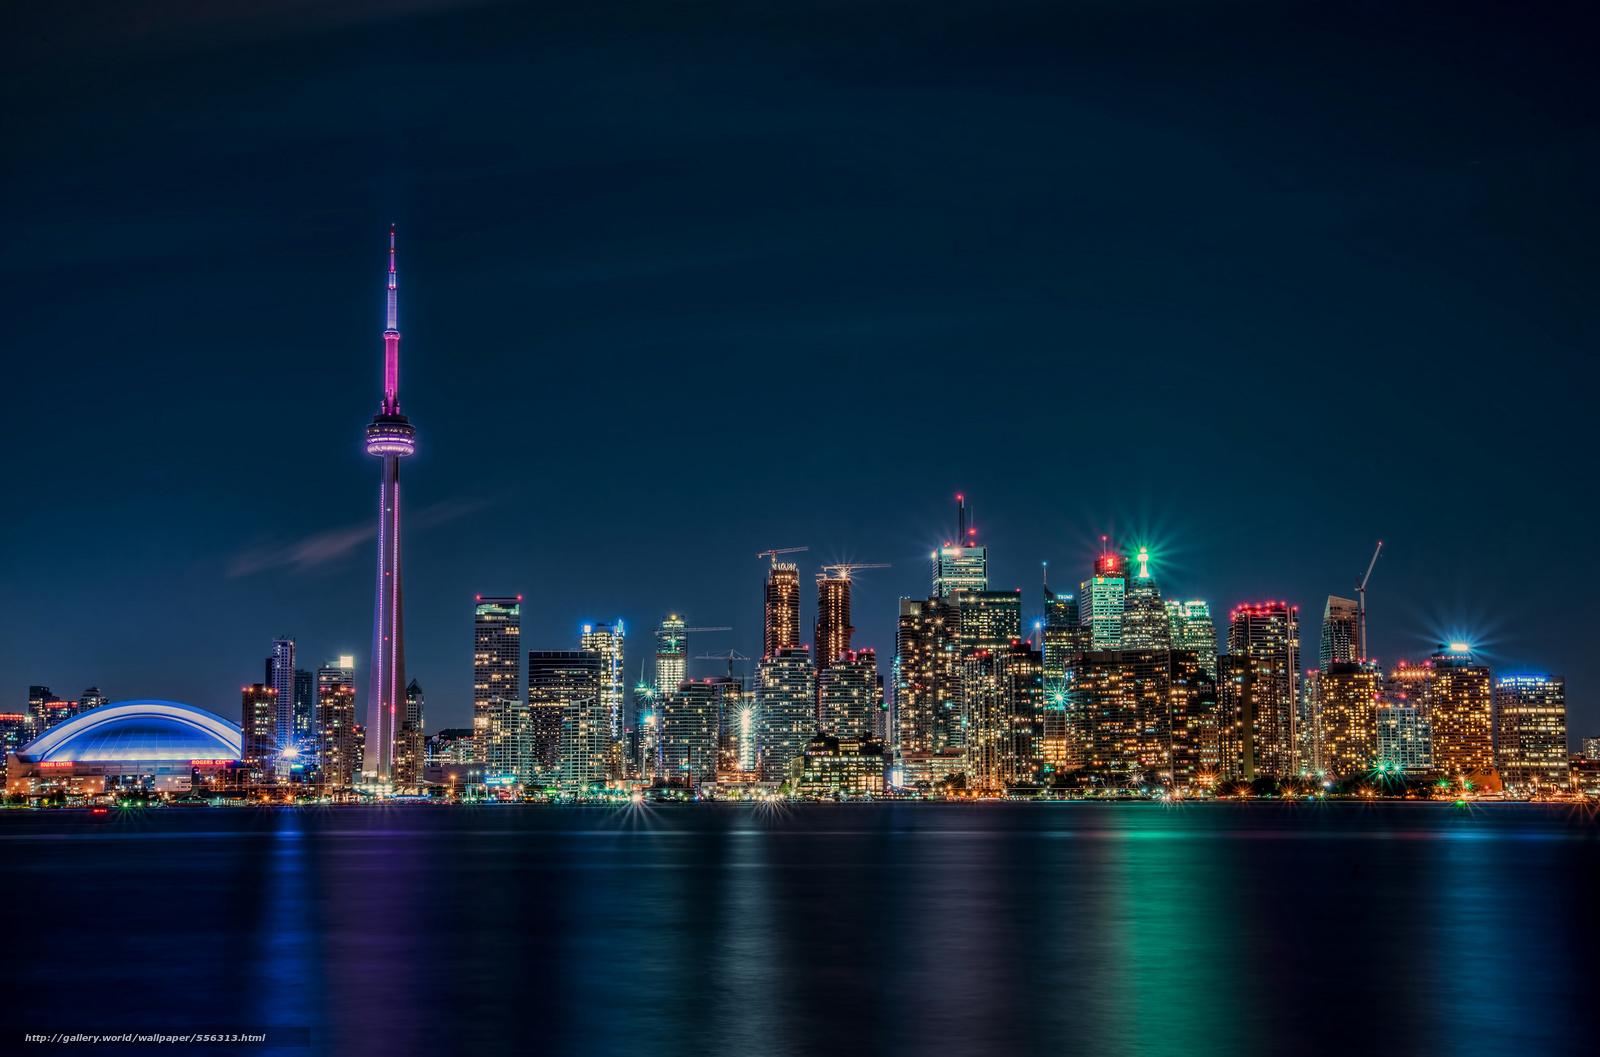 壁紙をダウンロード トロント ライト カナダ オンタリオ デスクトップの解像度のための無料壁紙 2048x1353 絵 №556313